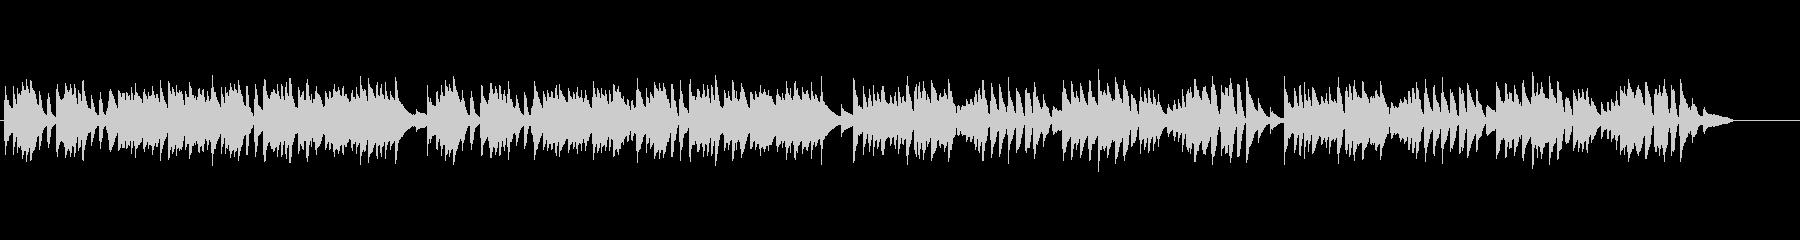 [生演奏]バッハのメヌエット ピアノソロの未再生の波形